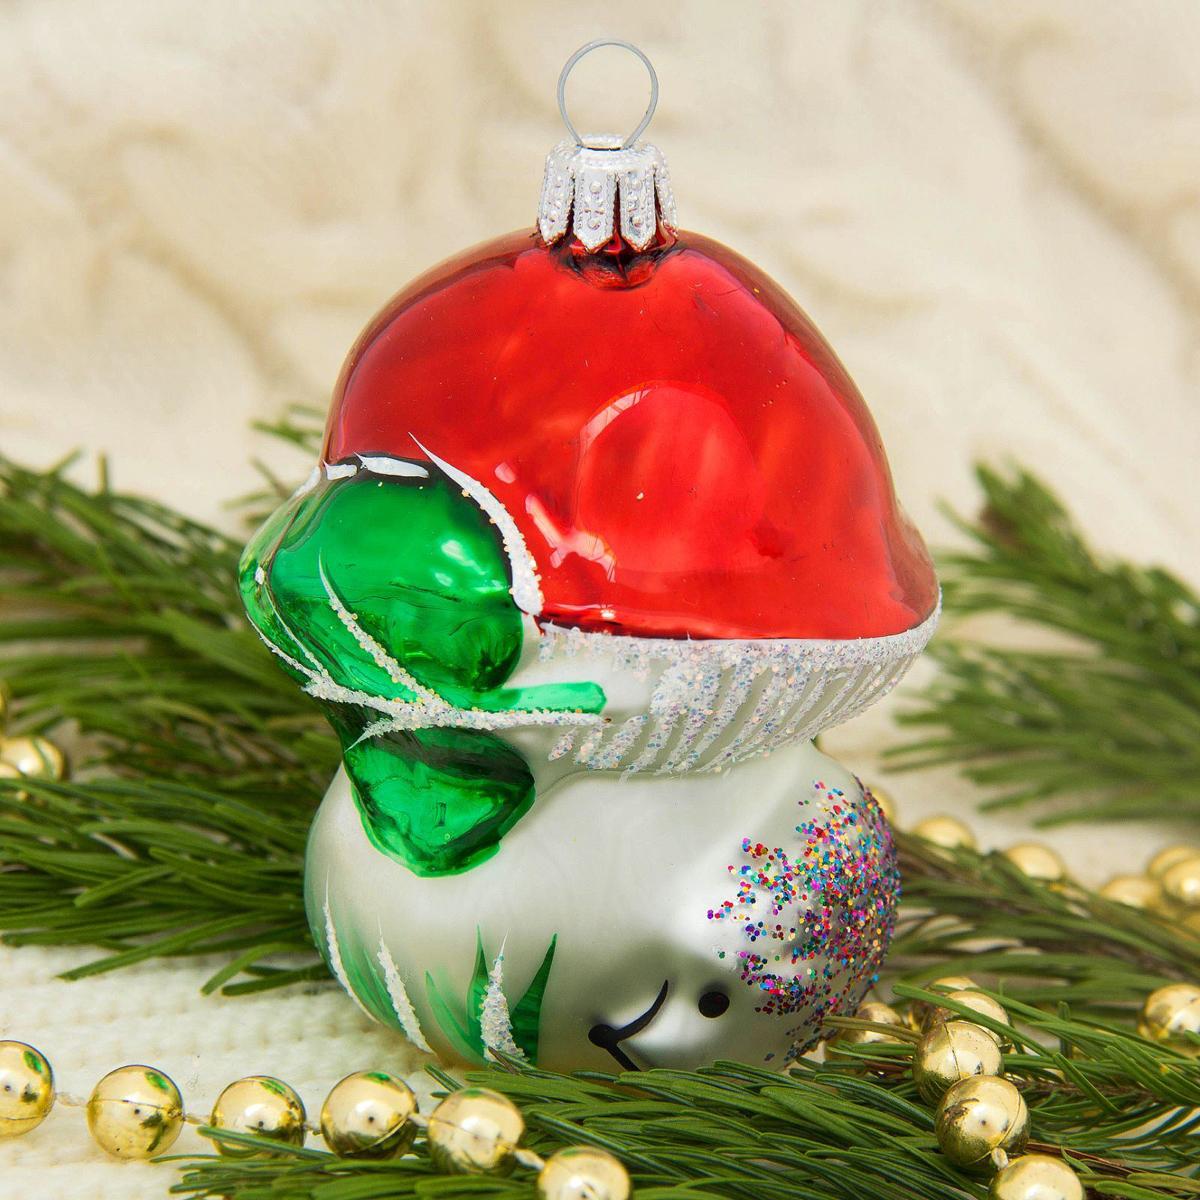 Украшение новогоднее елочное Ёлочка Грибок, 6 х 8 х 11 см1721437Невозможно представить нашу жизнь без праздников! Мы всегда ждём их и предвкушаем, обдумываем, как проведём памятный день, тщательно выбираем подарки и аксессуары, ведь именно они создают и поддерживают торжественный настрой.